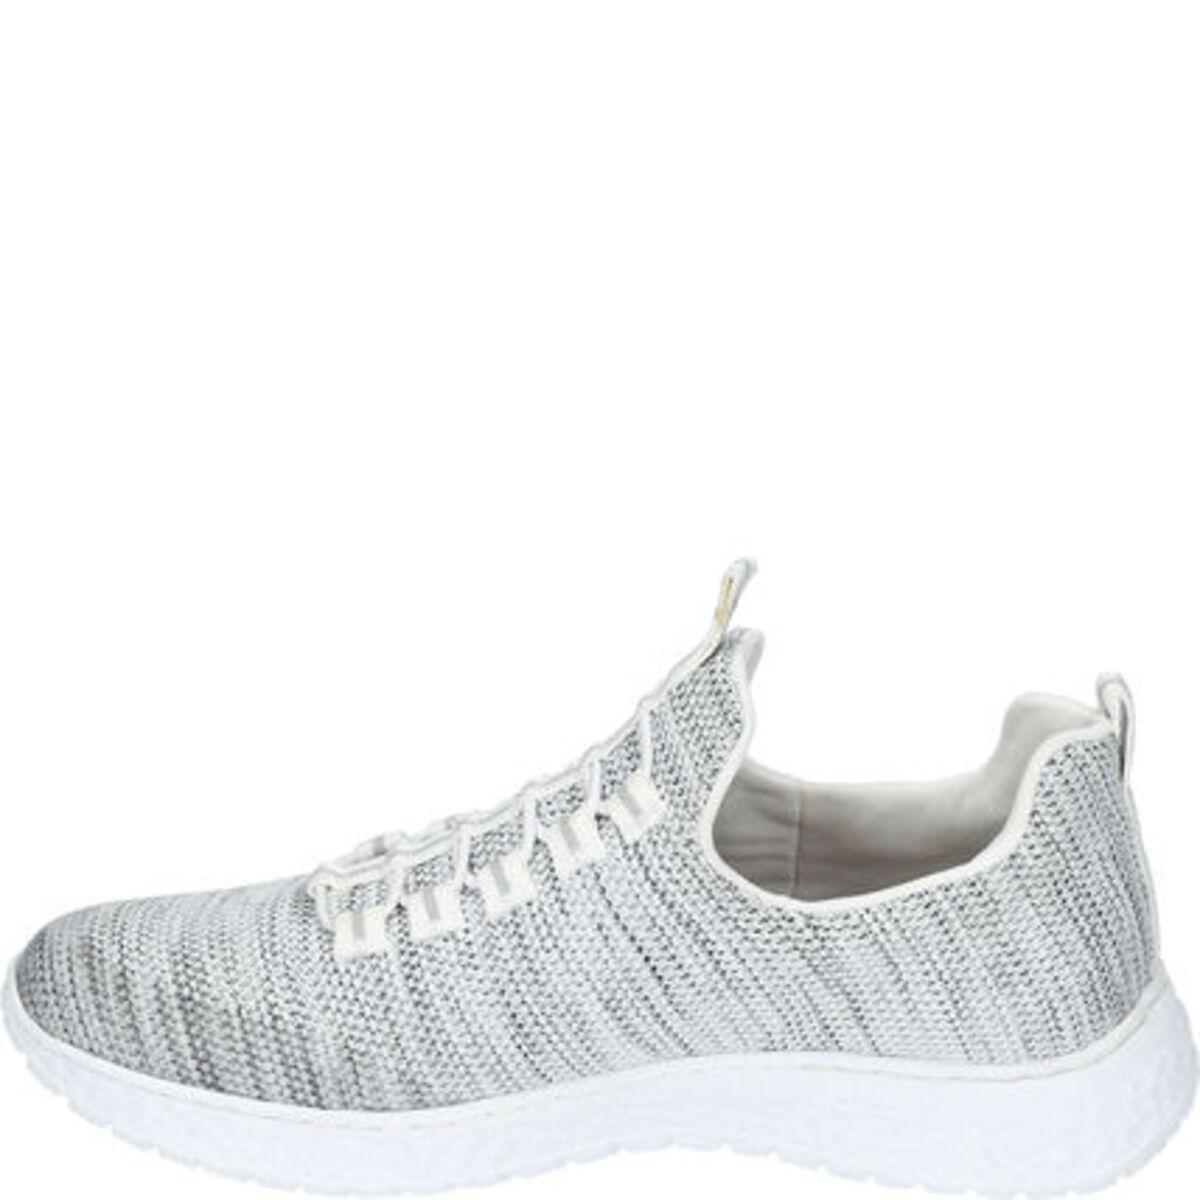 Bild 3 von Rieker Sneaker, Slipper, für Damen